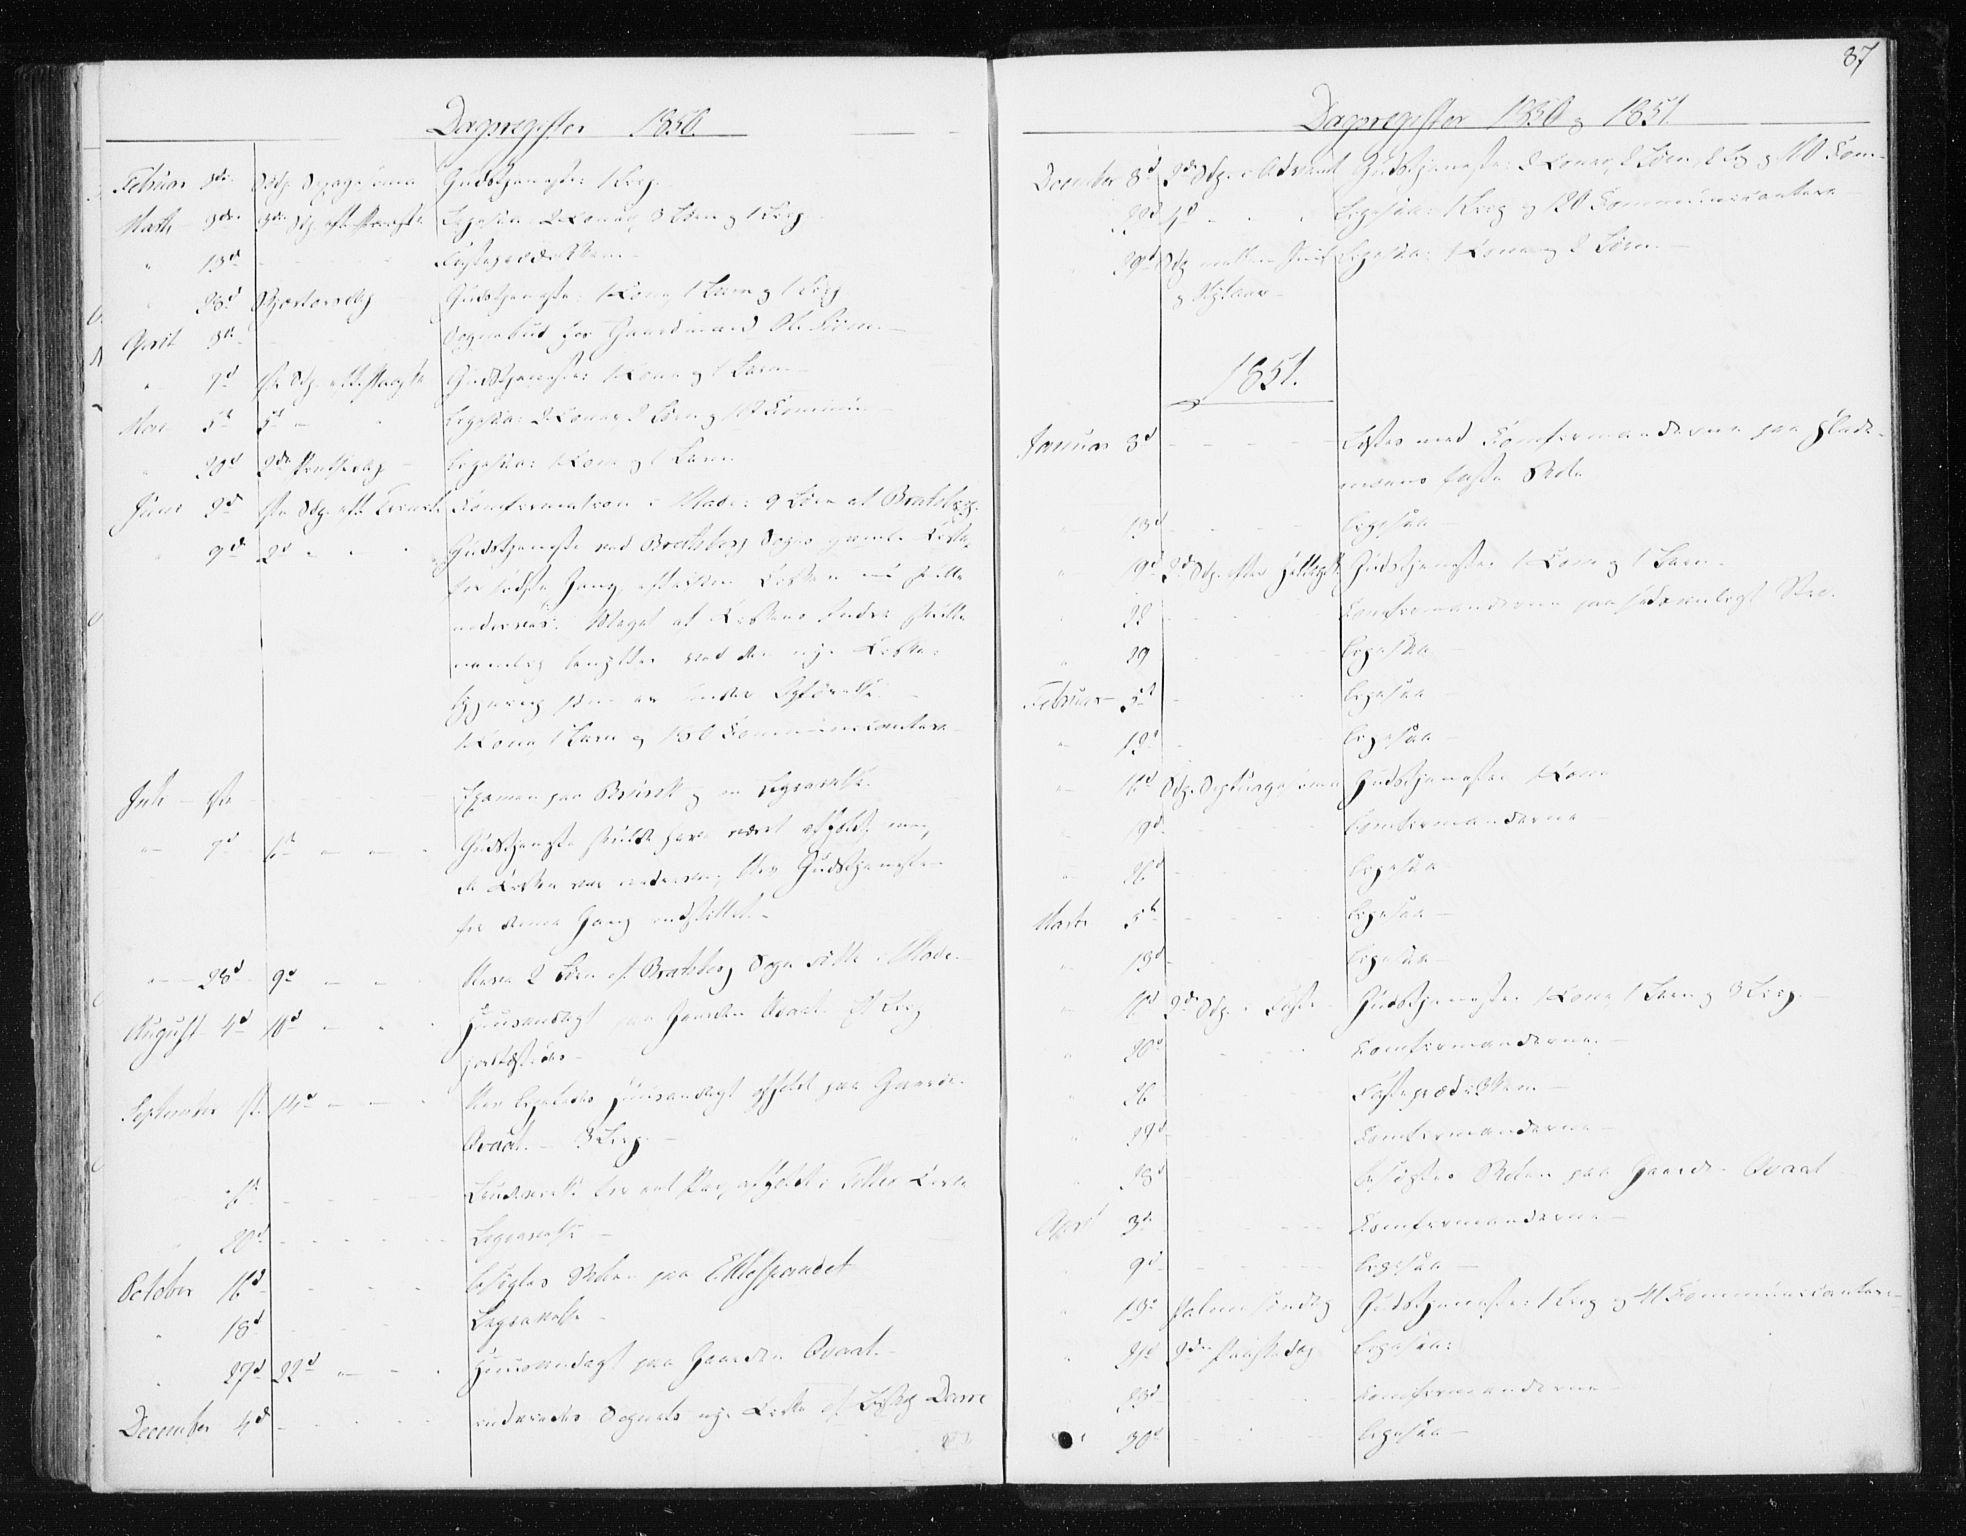 SAT, Ministerialprotokoller, klokkerbøker og fødselsregistre - Sør-Trøndelag, 608/L0332: Ministerialbok nr. 608A01, 1848-1861, s. 87